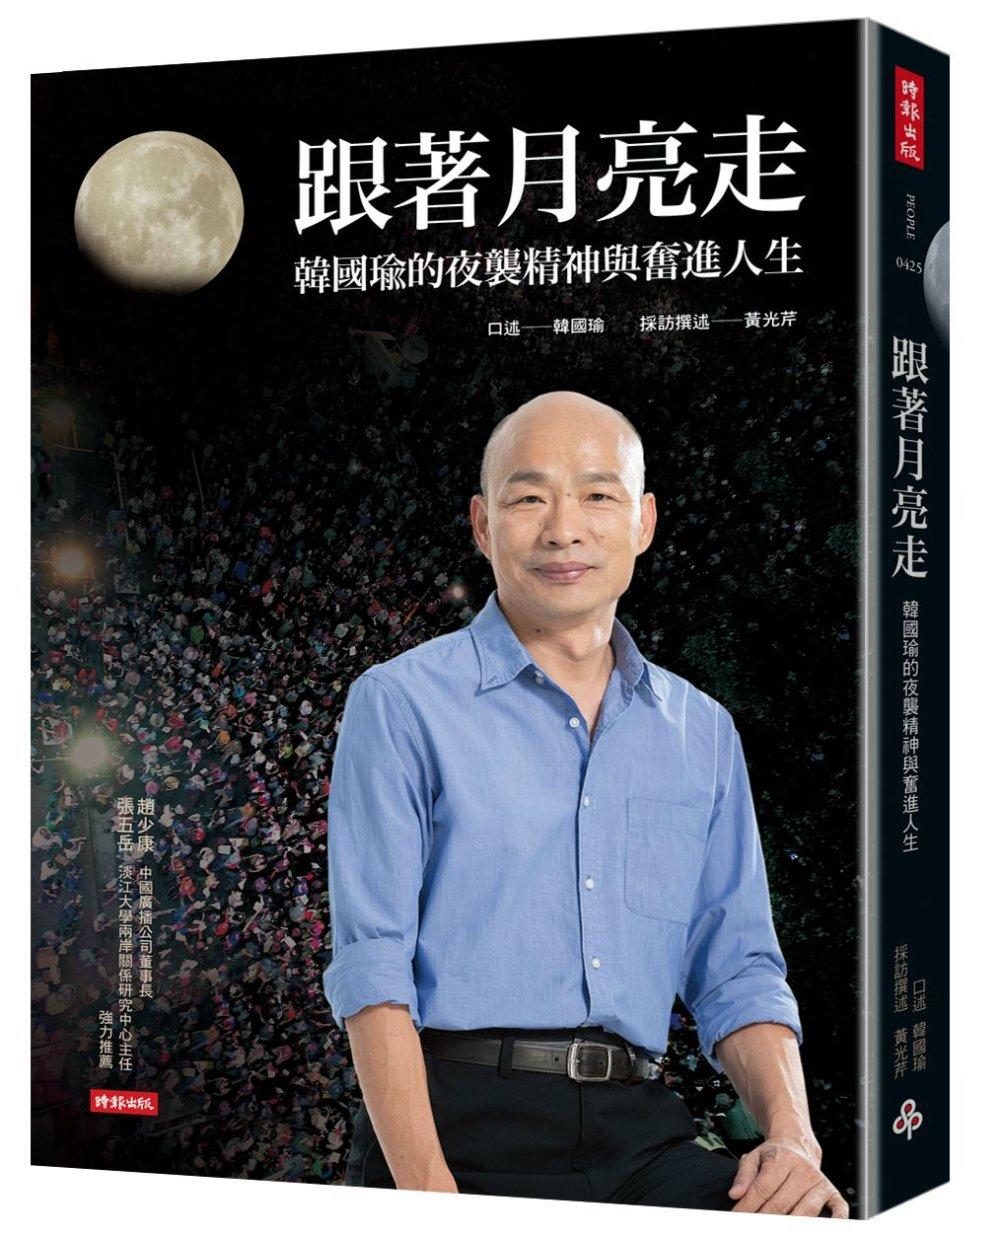 跟著月亮走:韓國瑜的夜襲精神與奮進人生(韓國瑜/口述)